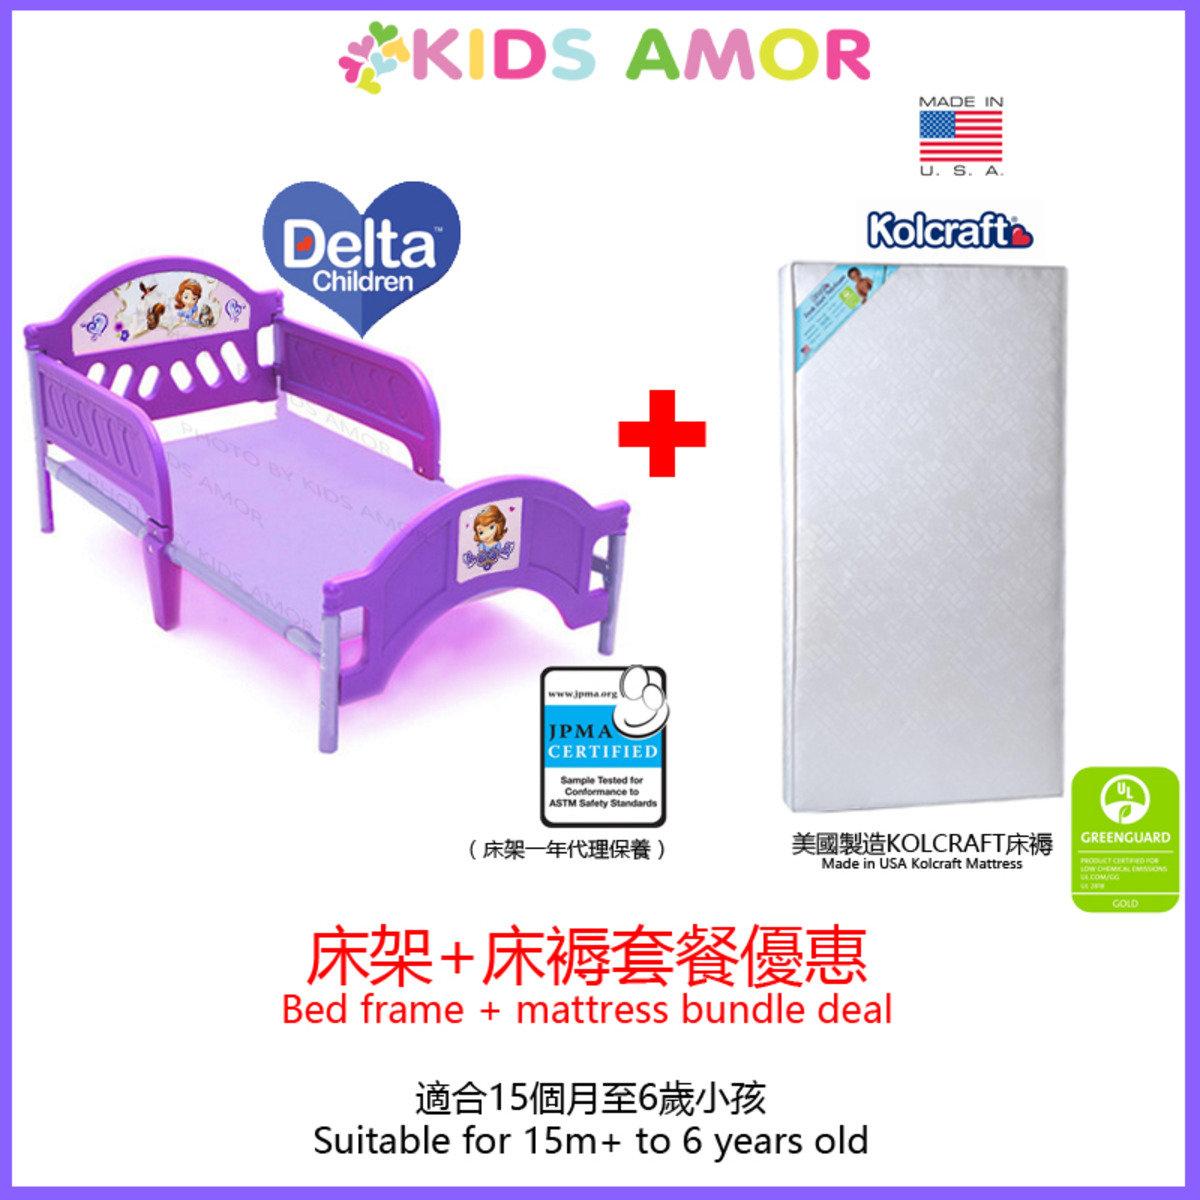 【套餐】迪士尼Sofia公主床架 + 美國製造 Kolcraft 床褥